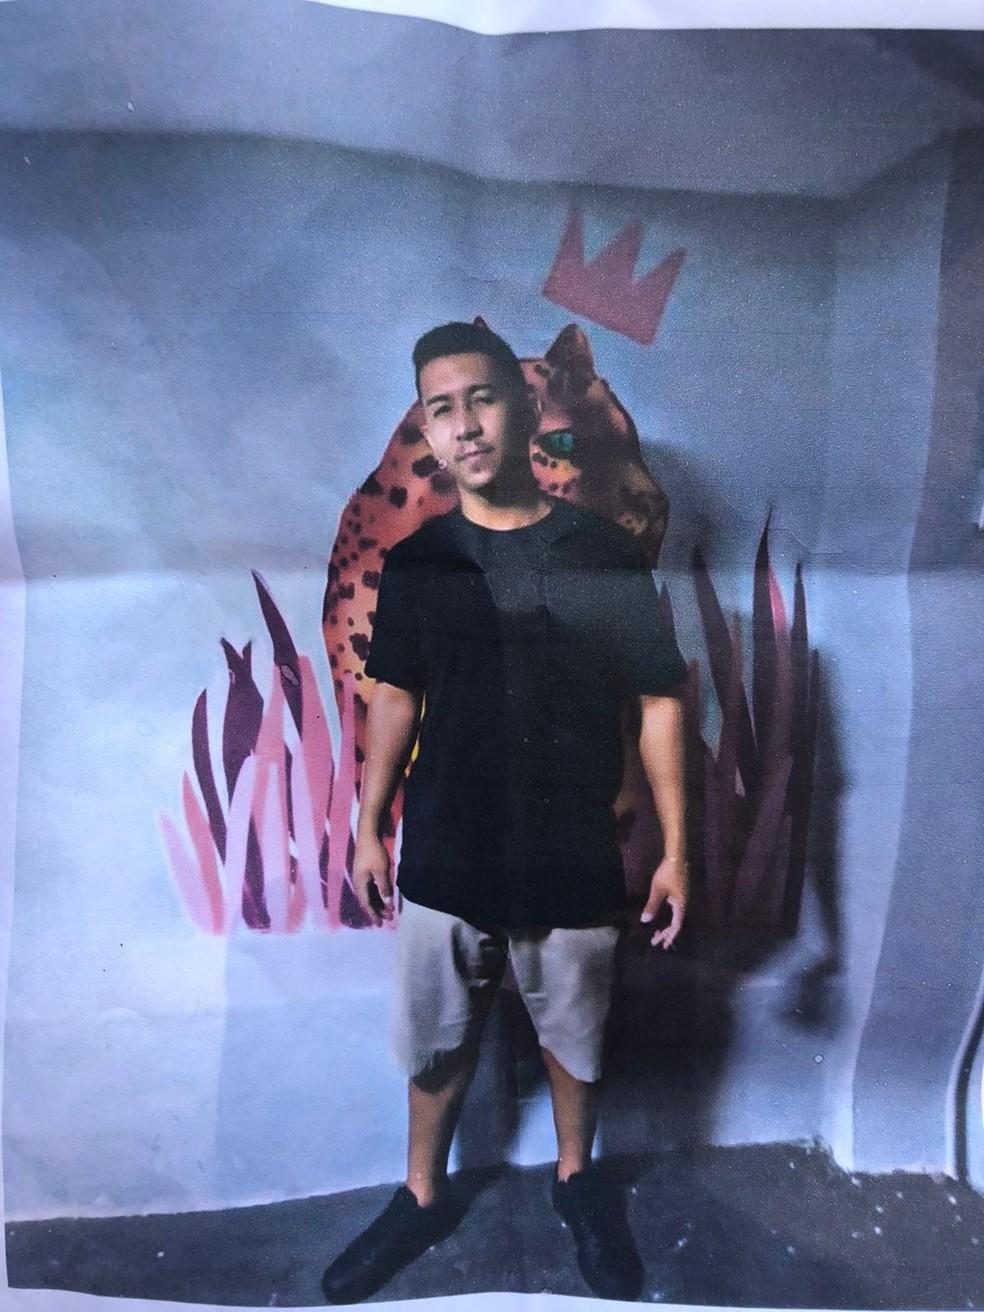 Jovem que sumiu no dia do aniversário é encontrado morto no rio Poti, na Zona Leste de Teresina — Foto: Arquivo pessoal